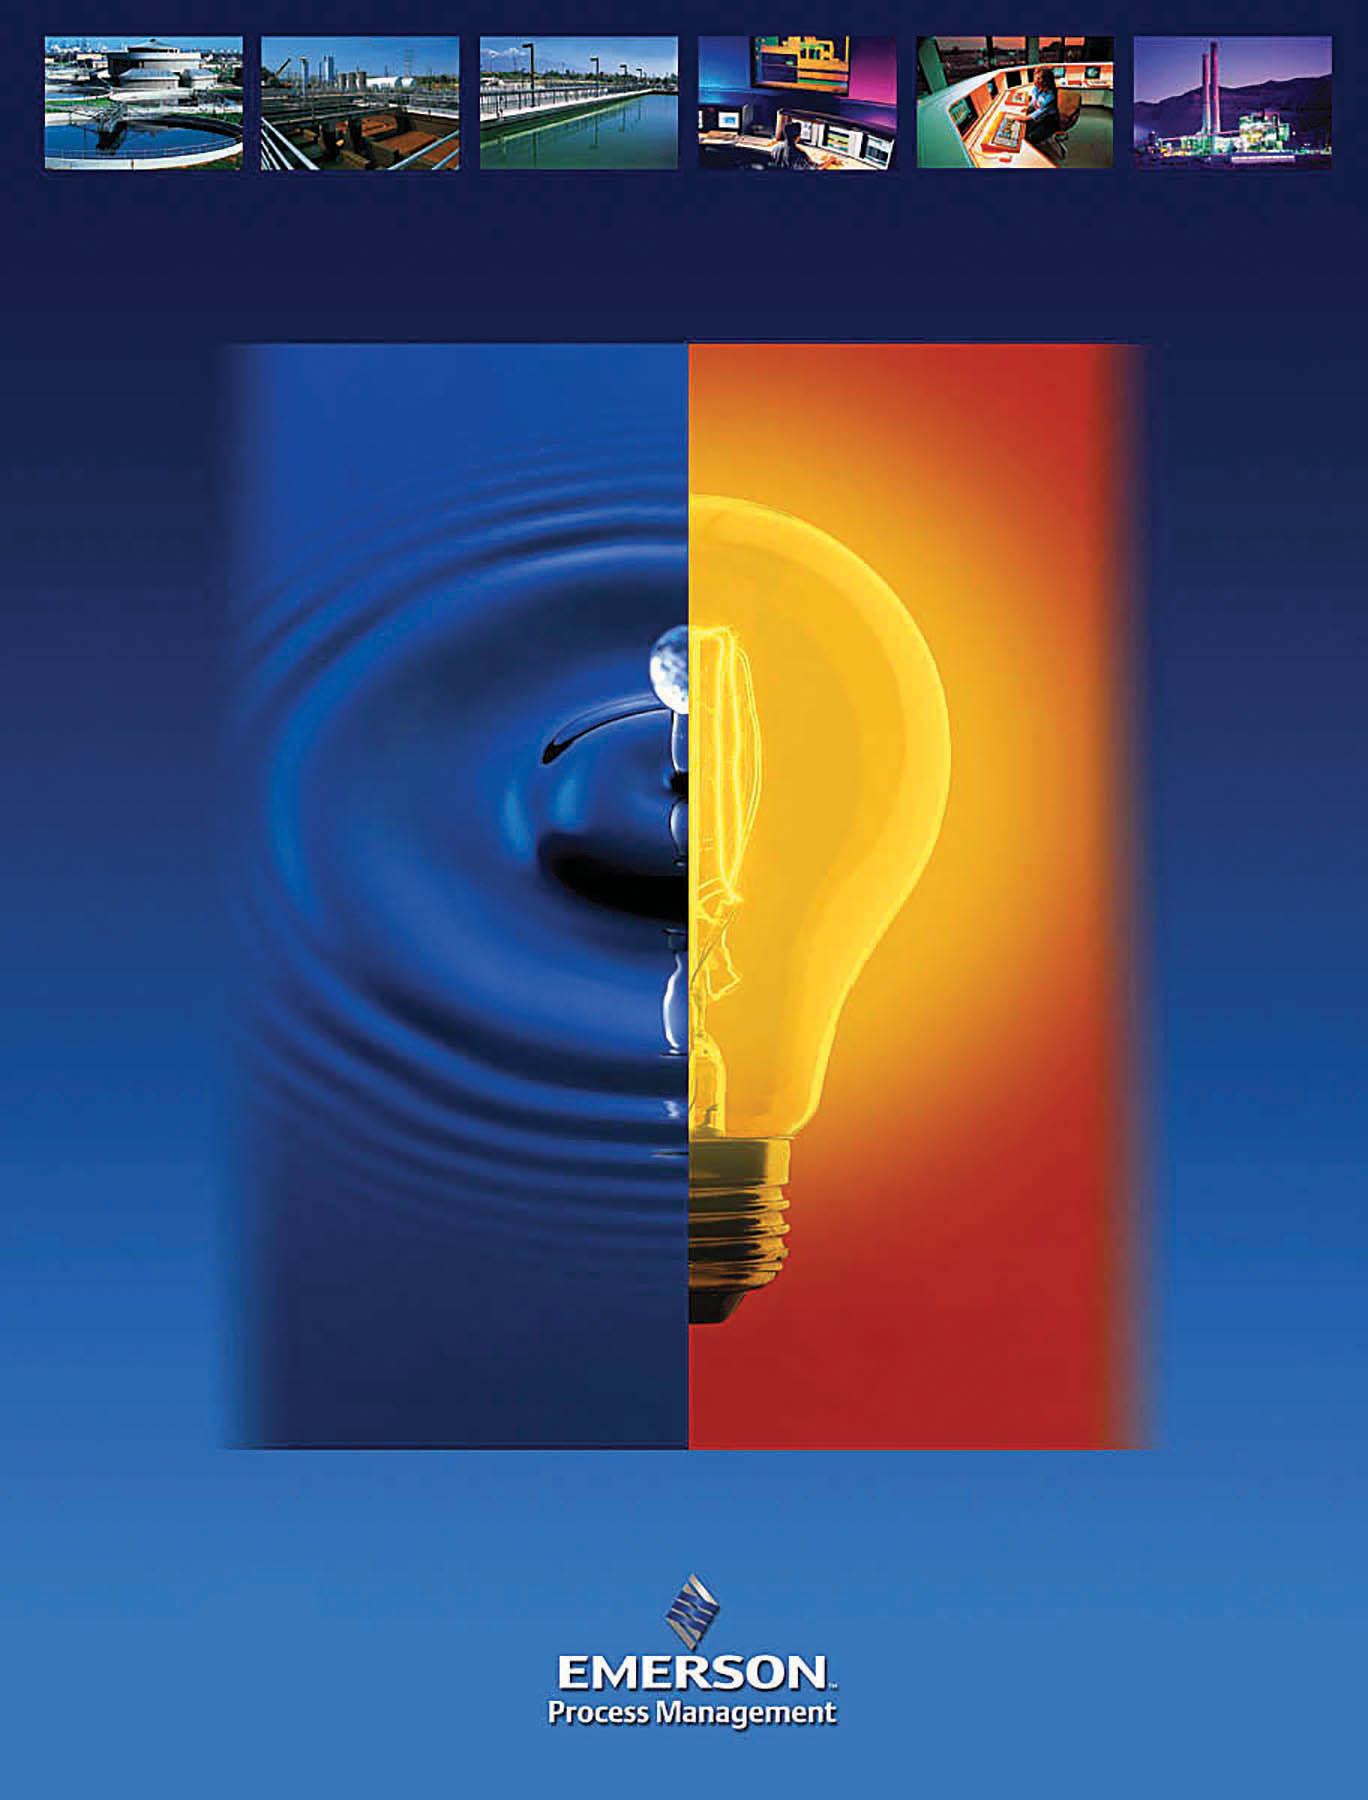 Emerson Poster RGB.jpg